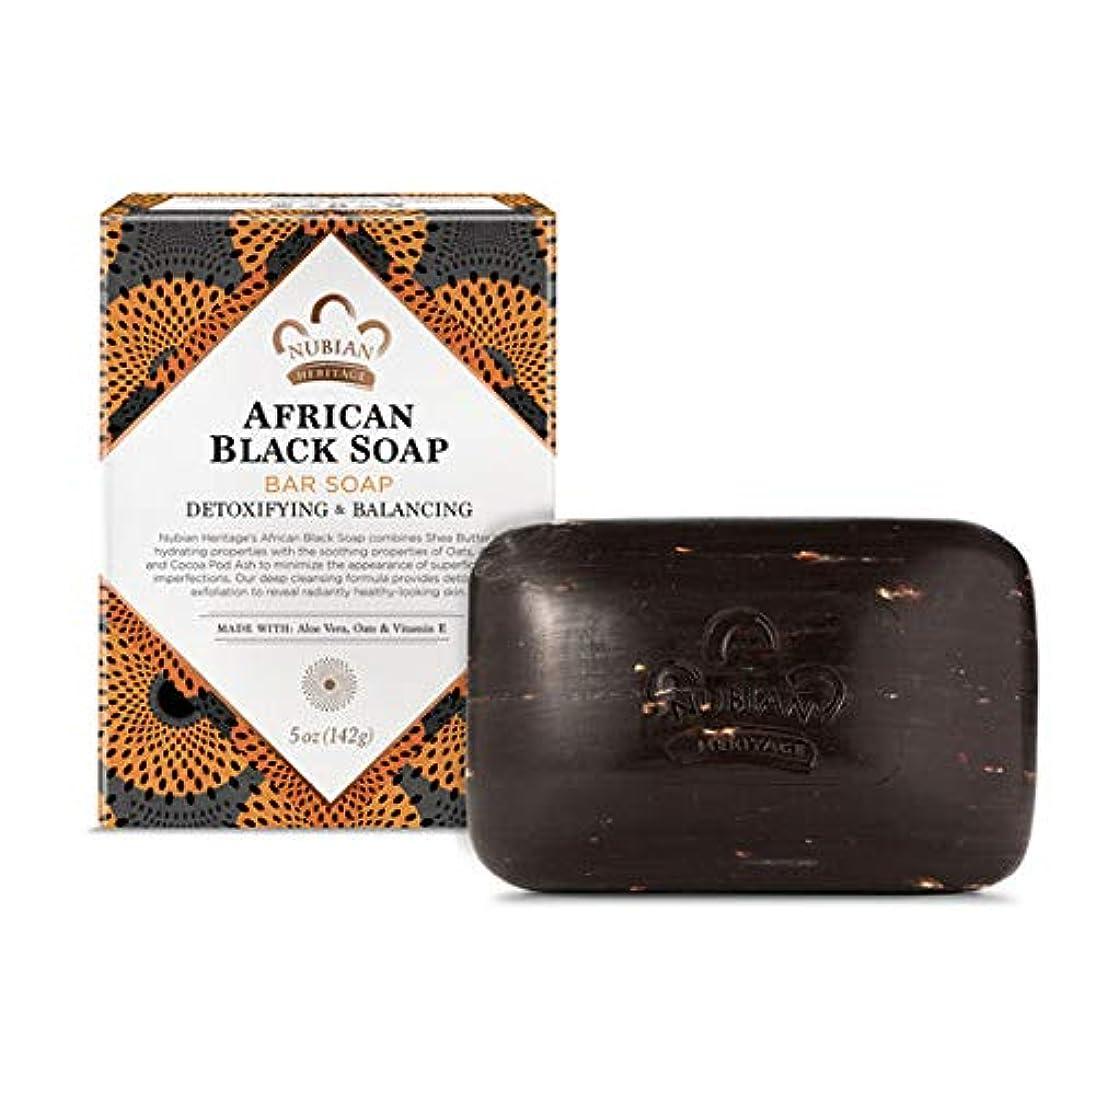 有毒な擬人化パレードヌビアン ヘリテージ アフリカン ブラック ソープ 141g 並行輸入品 [並行輸入品]